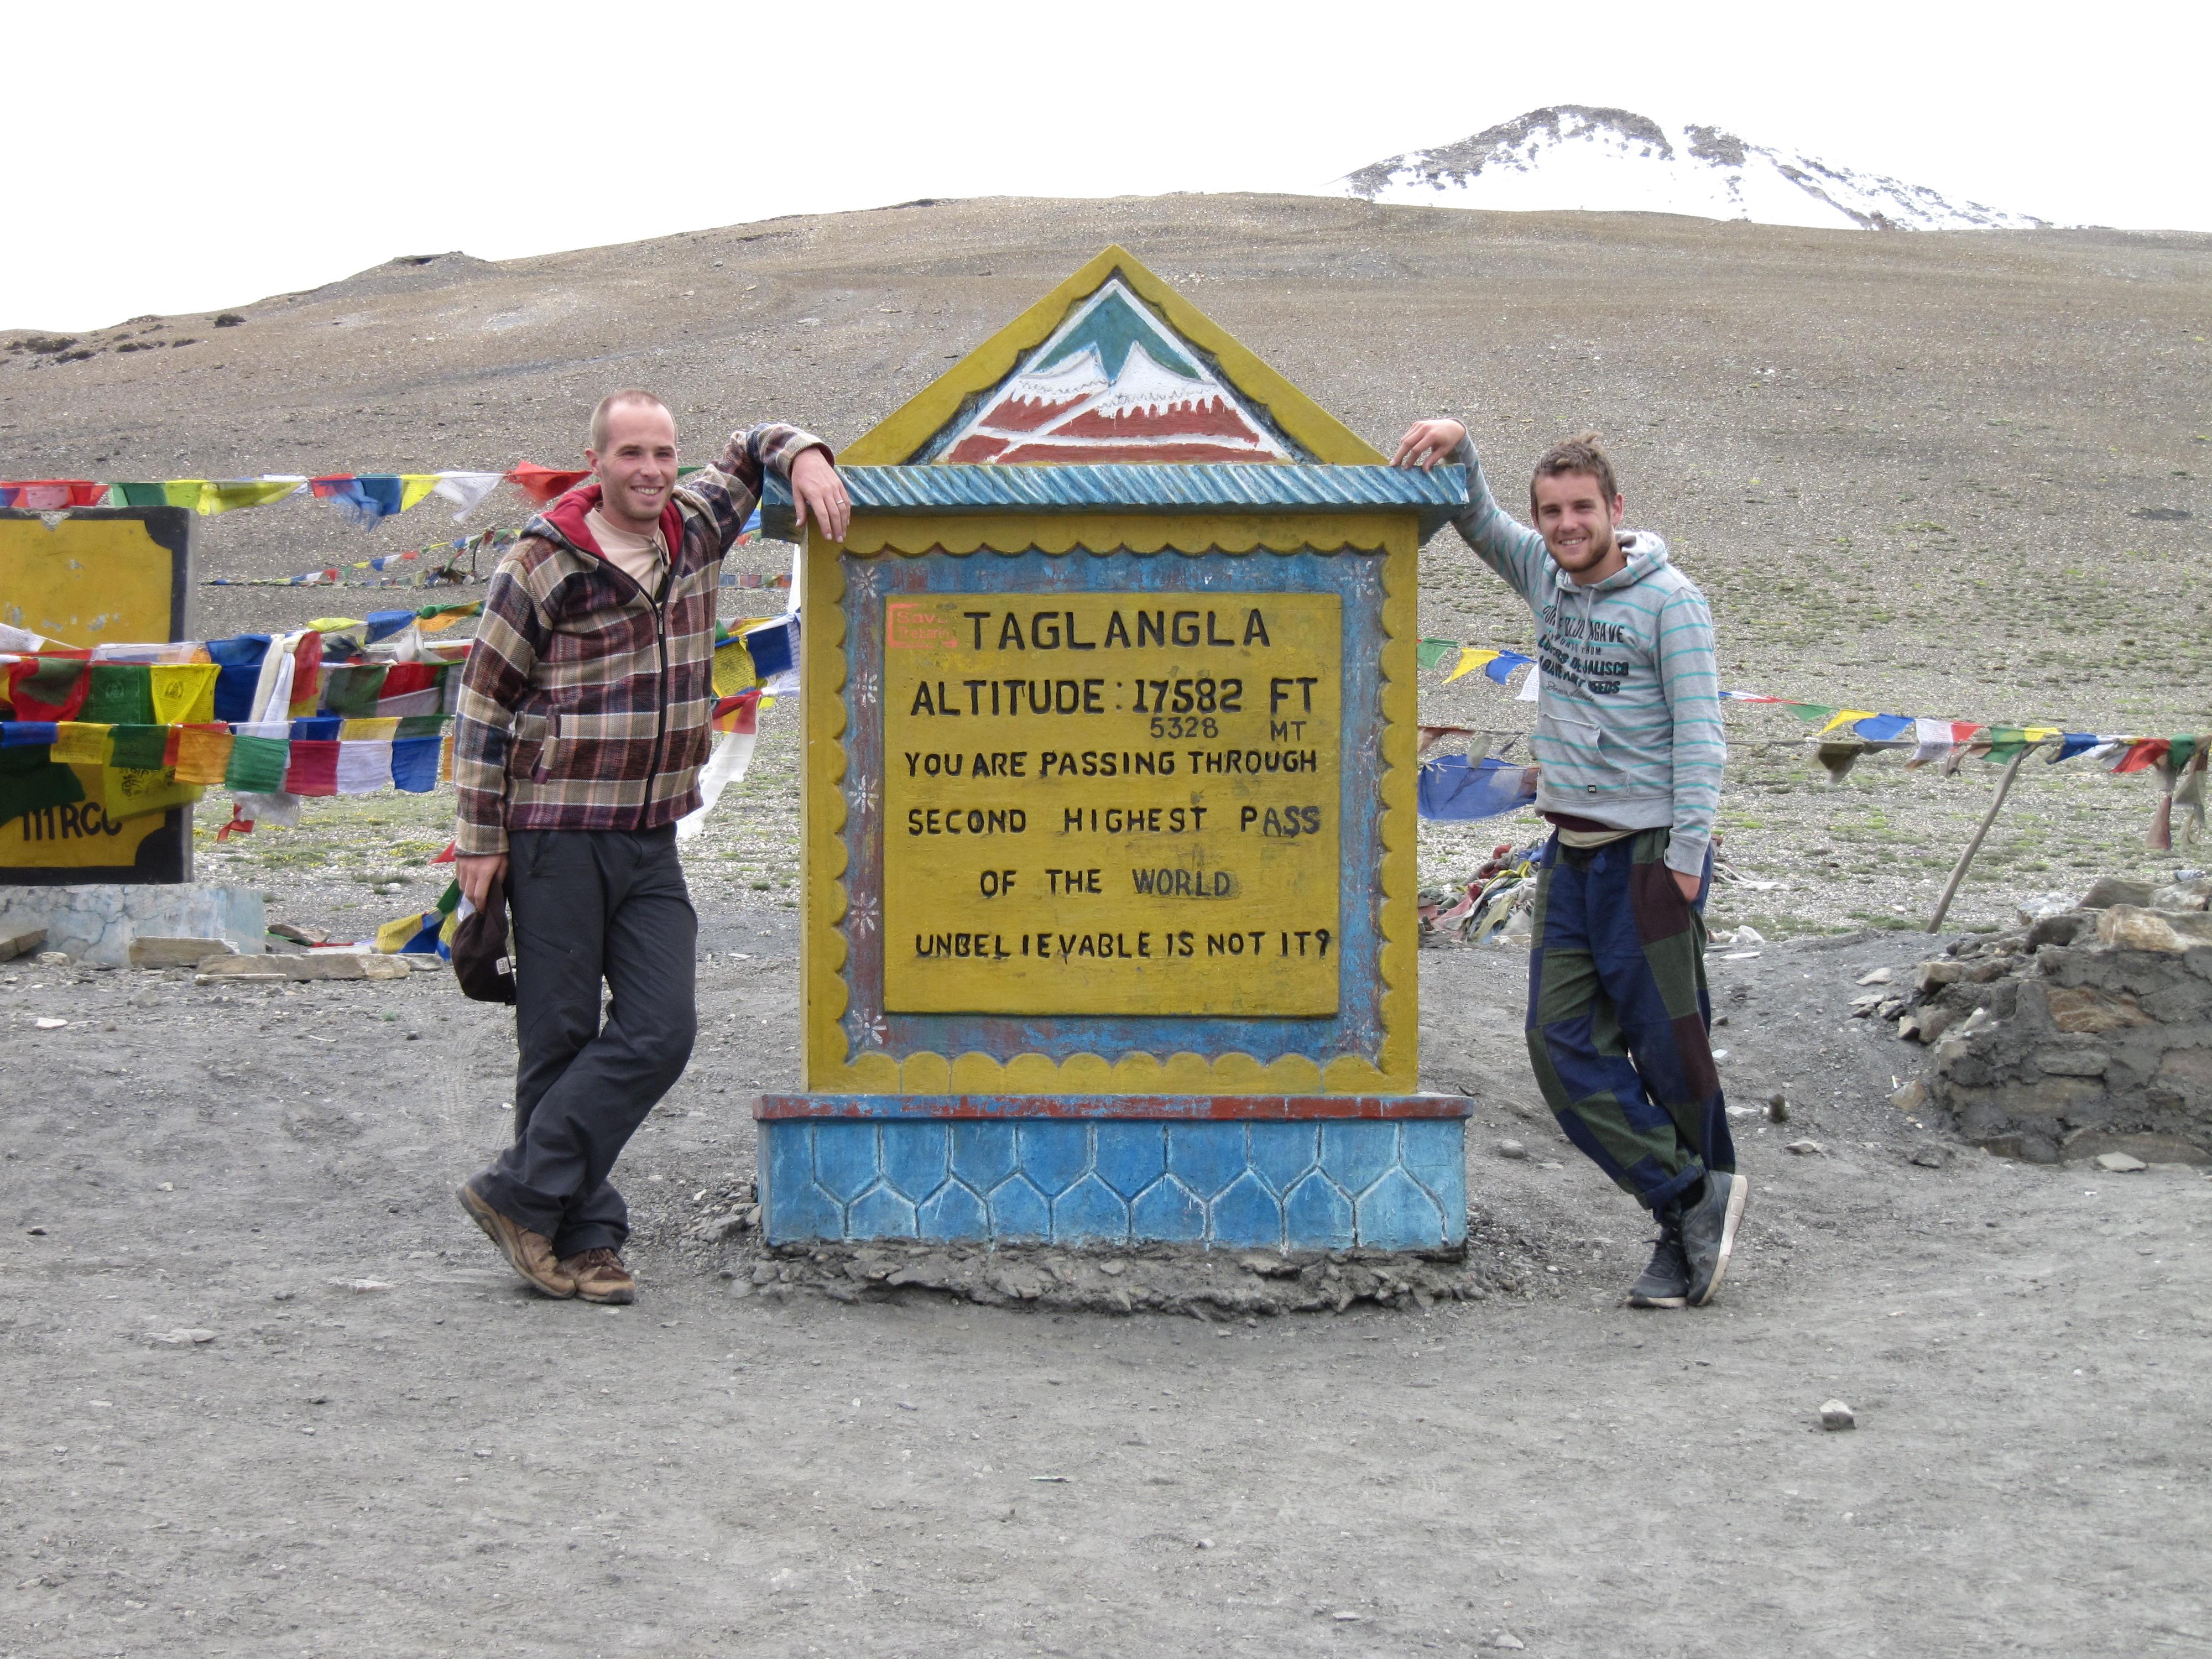 Chris et Nath au Tanglangla, Inde, 4 juillet 2013